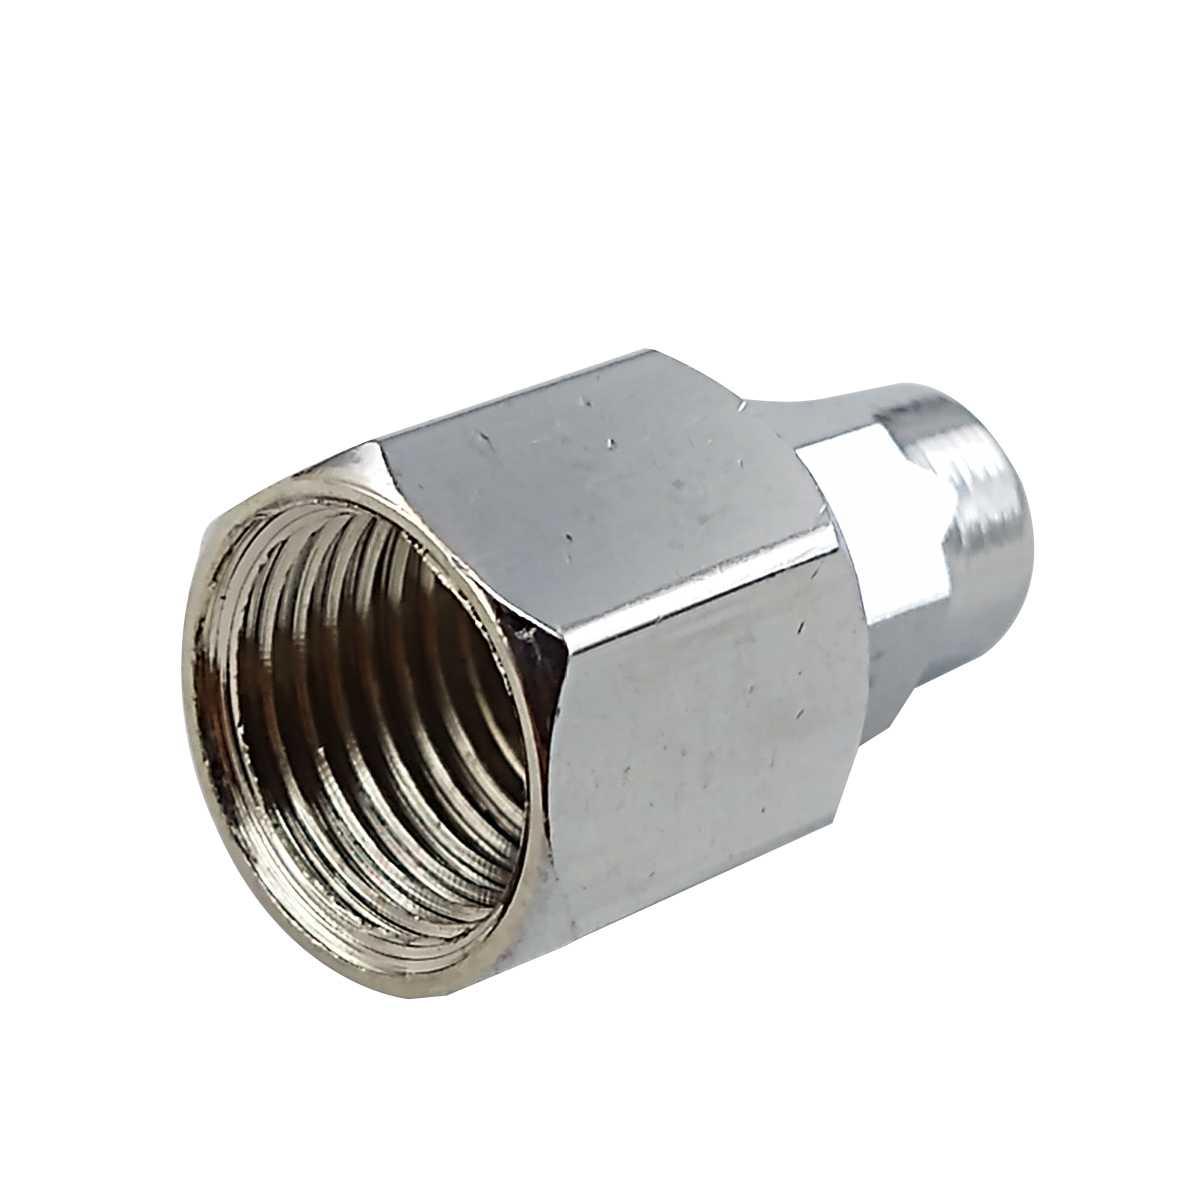 Bico Purificador para mangueira 6mm rosca de 11mm